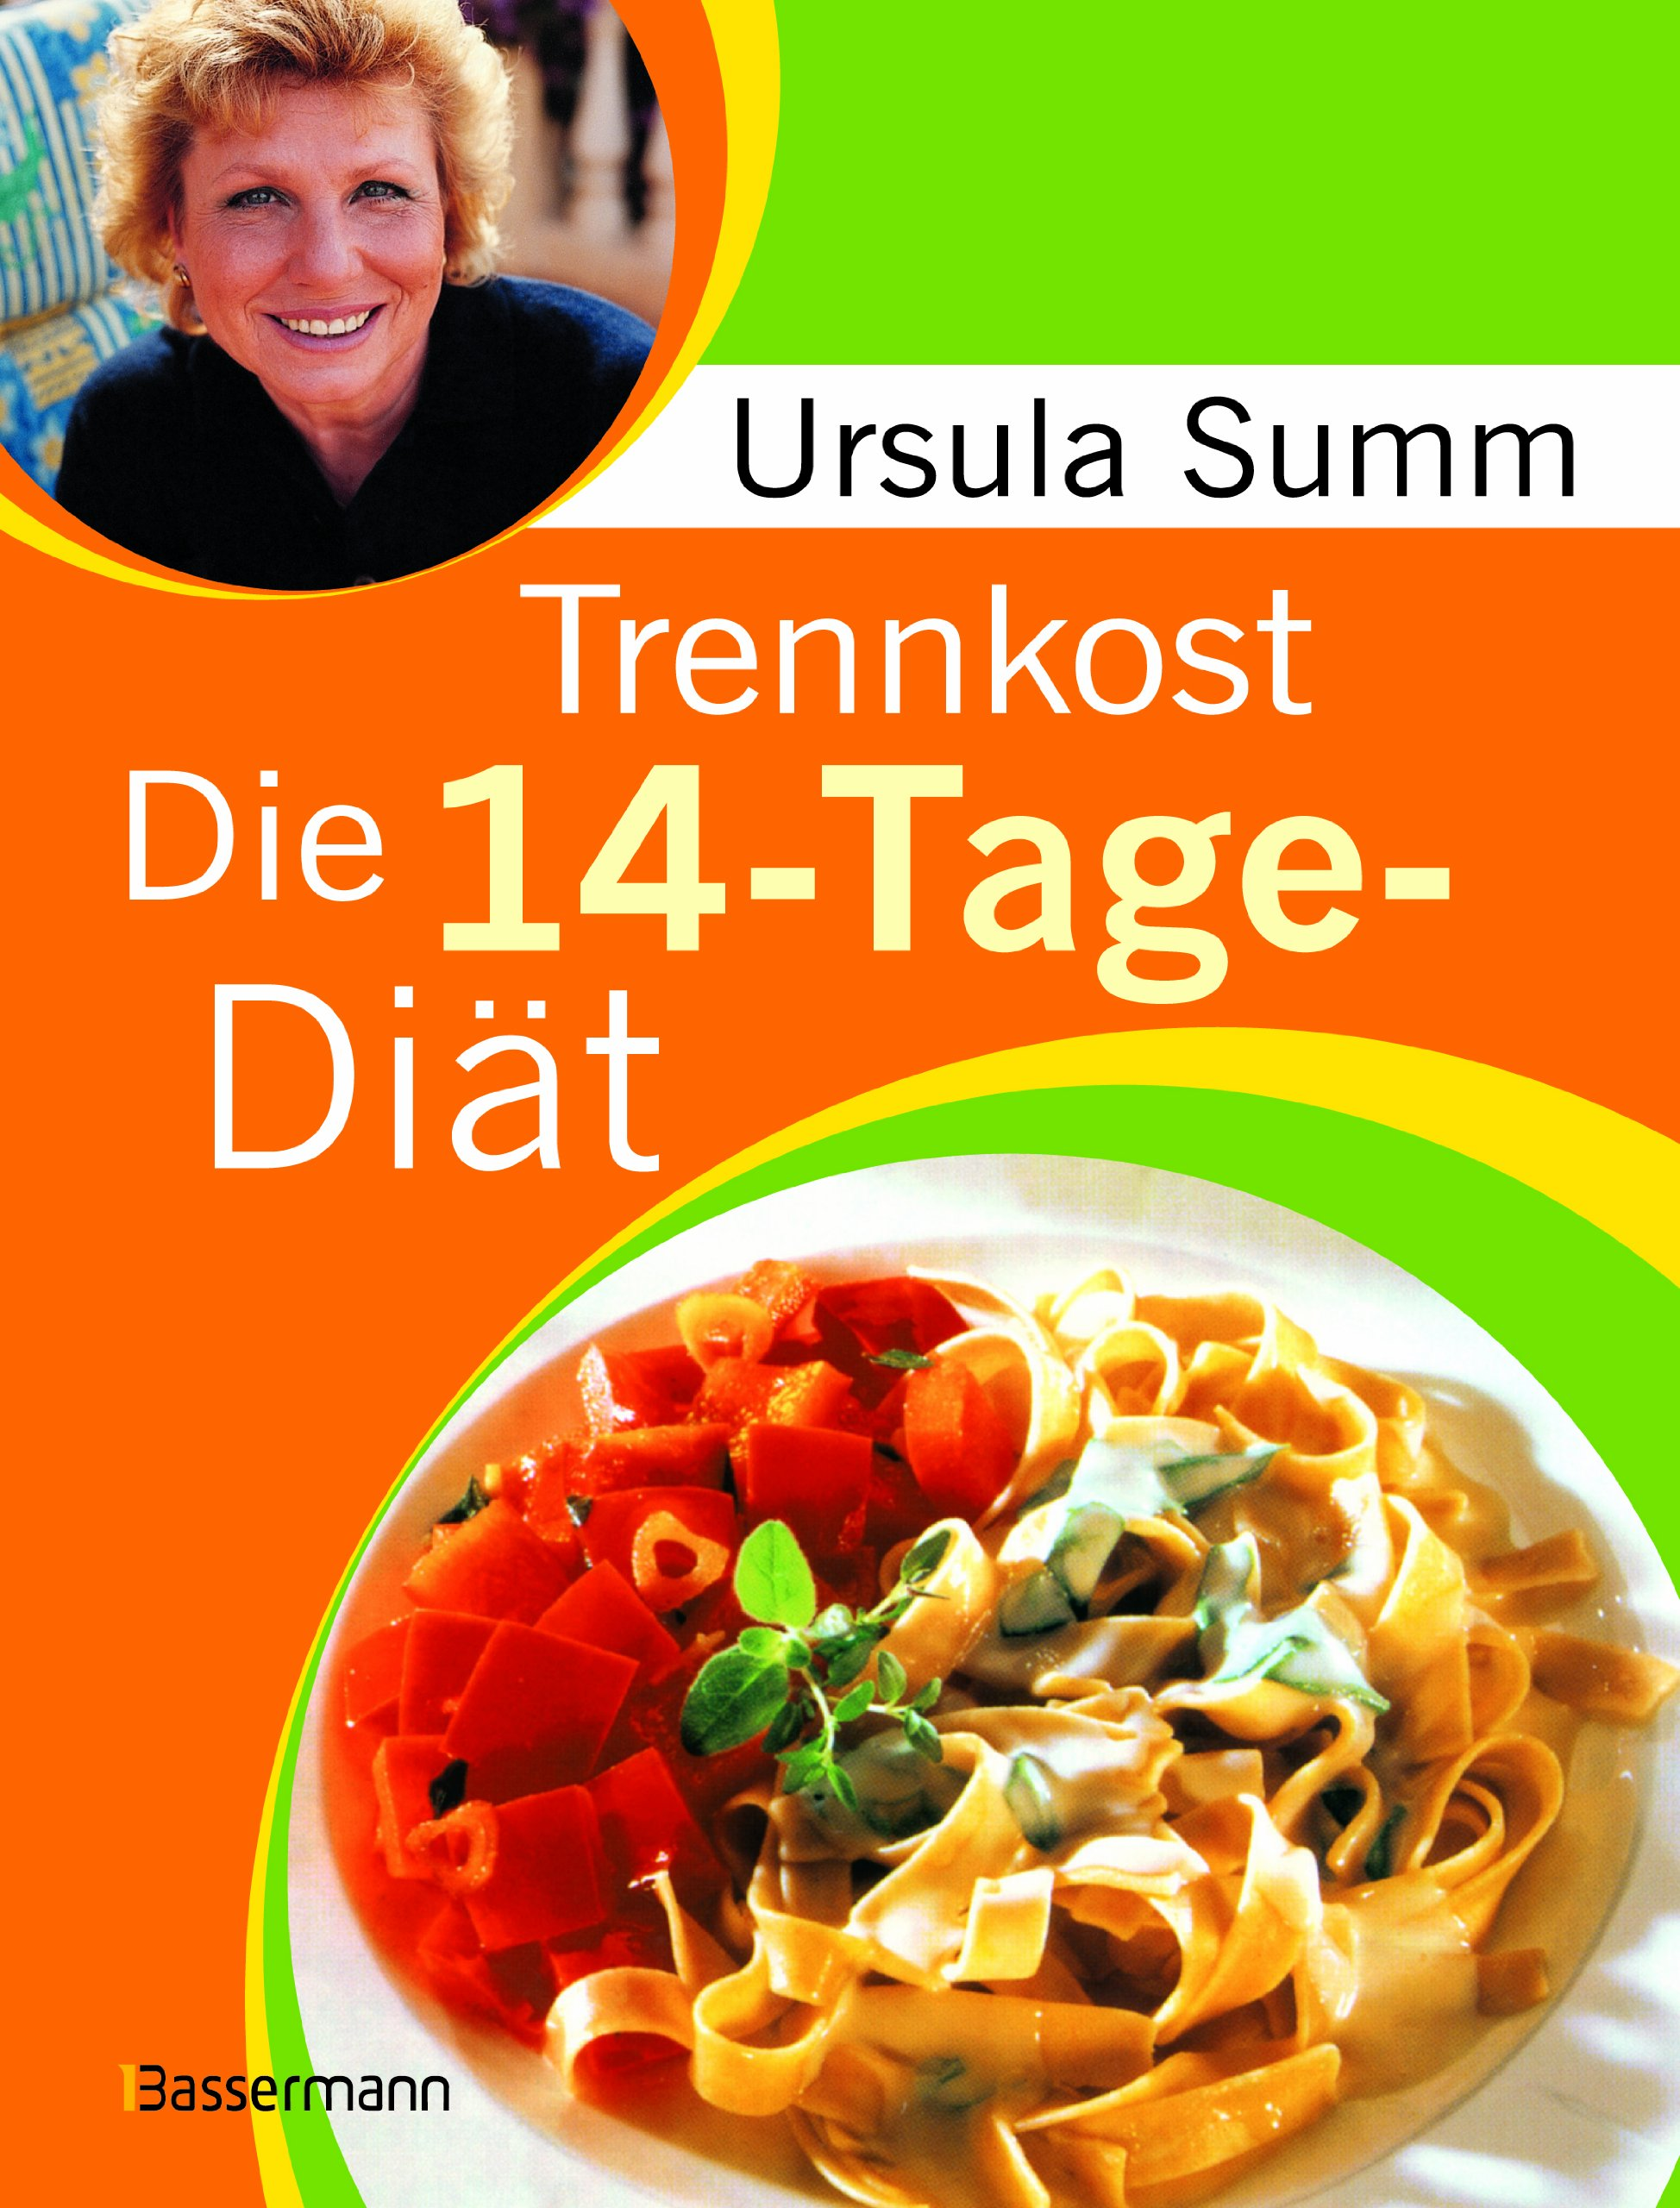 Trennkost Plan 14 Tage Gesunde Ernahrung Lebensmittel